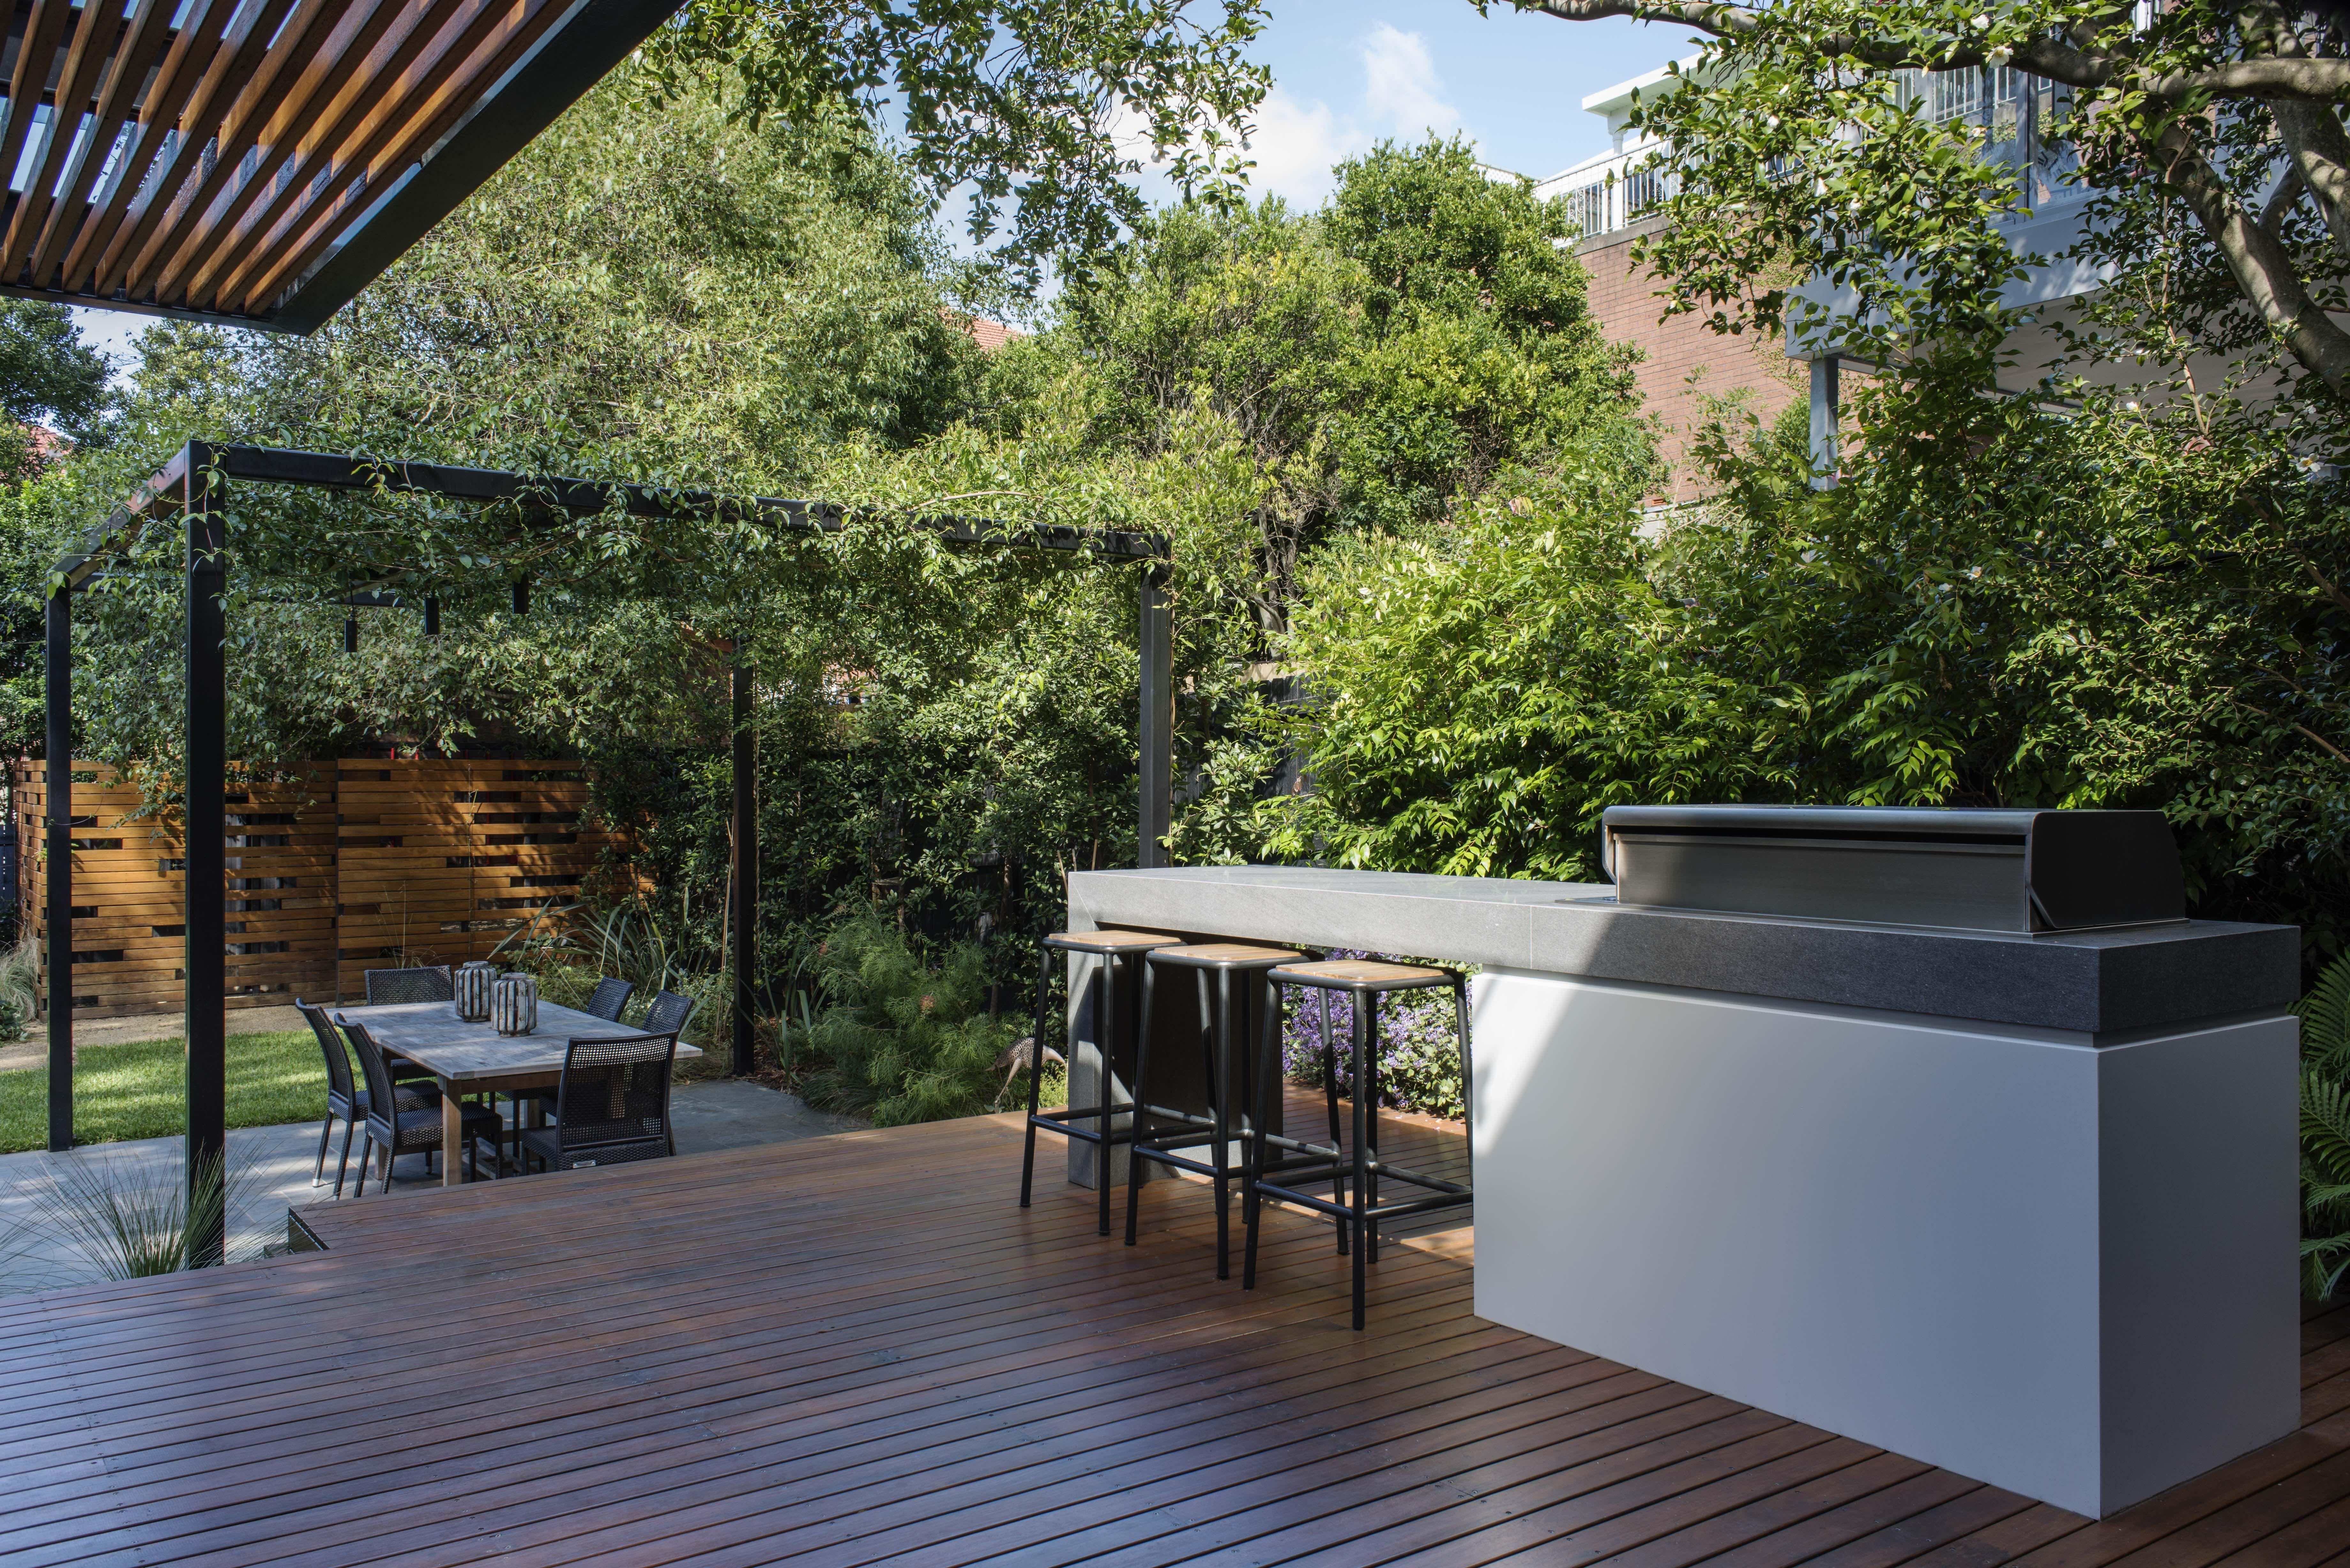 Modern BBQ area   Outdoor kitchen in 2018   Pinterest ...